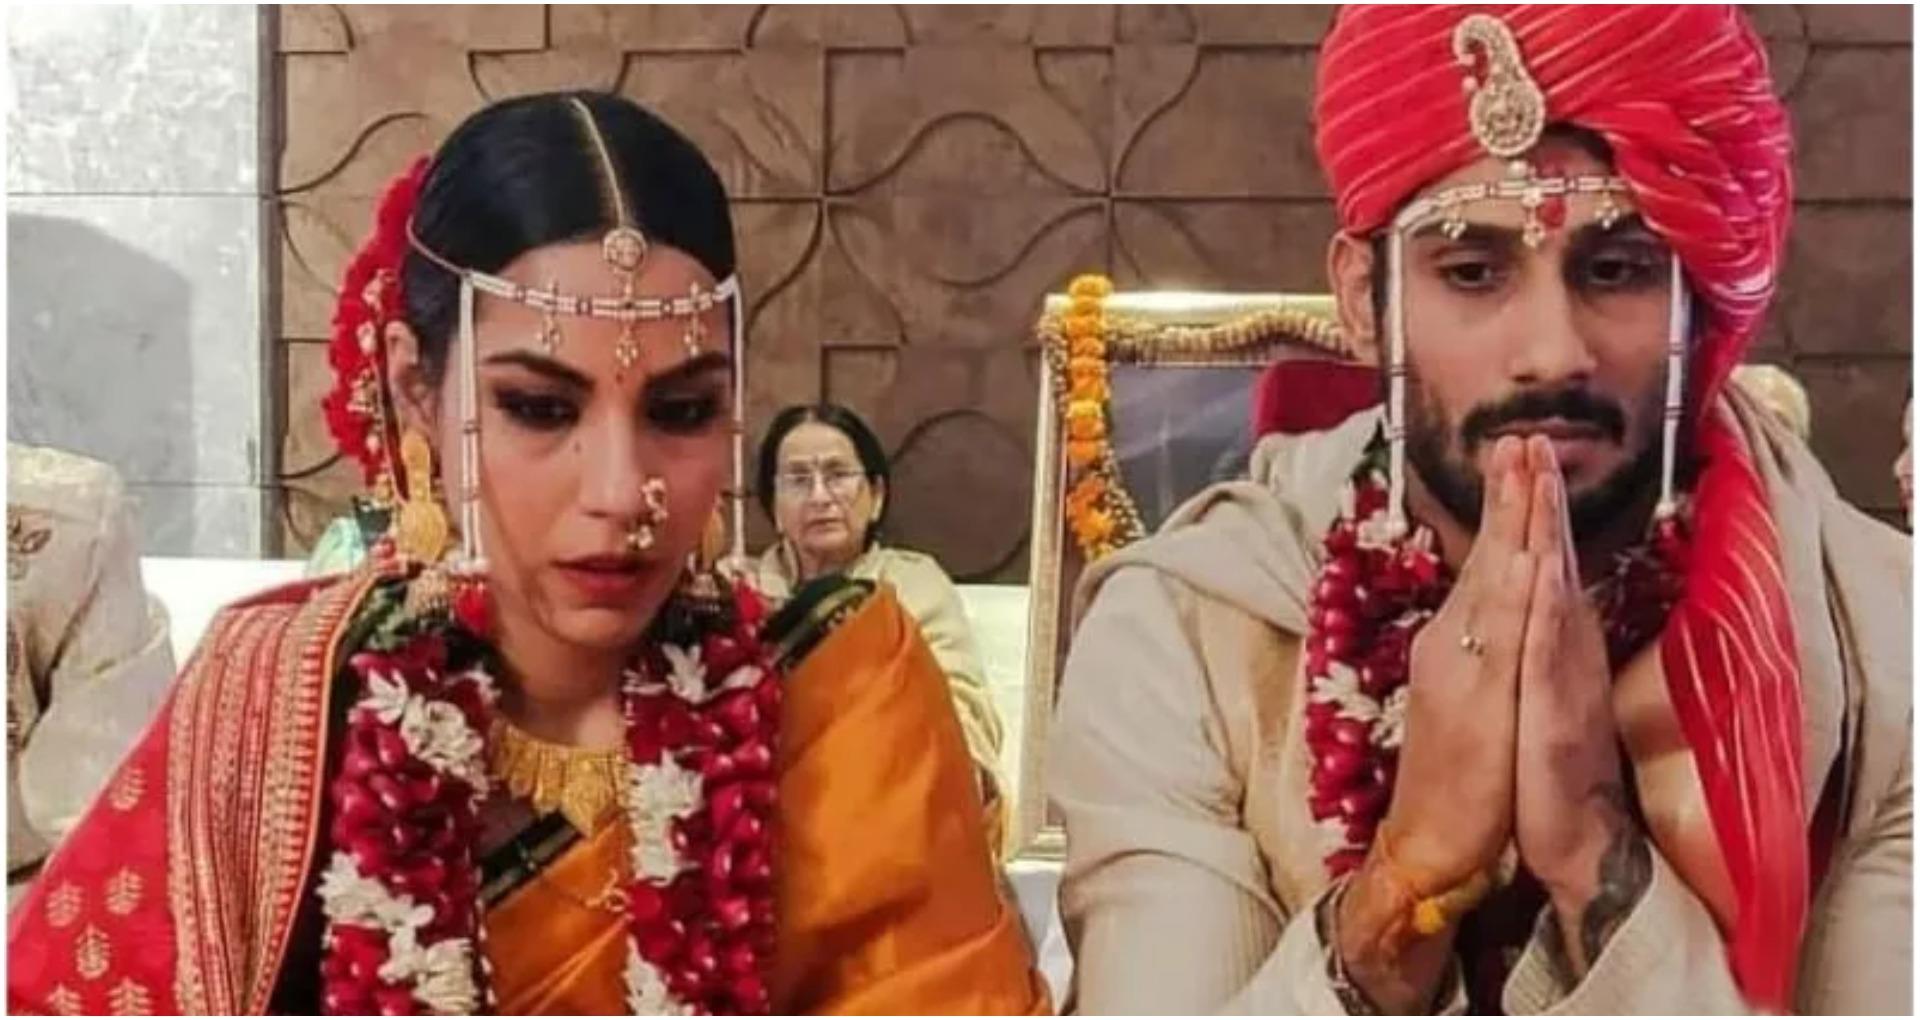 प्रतिक बब्बर और सान्या सागर शादी के एक साल बाद ही लेने वाले है तलाक?